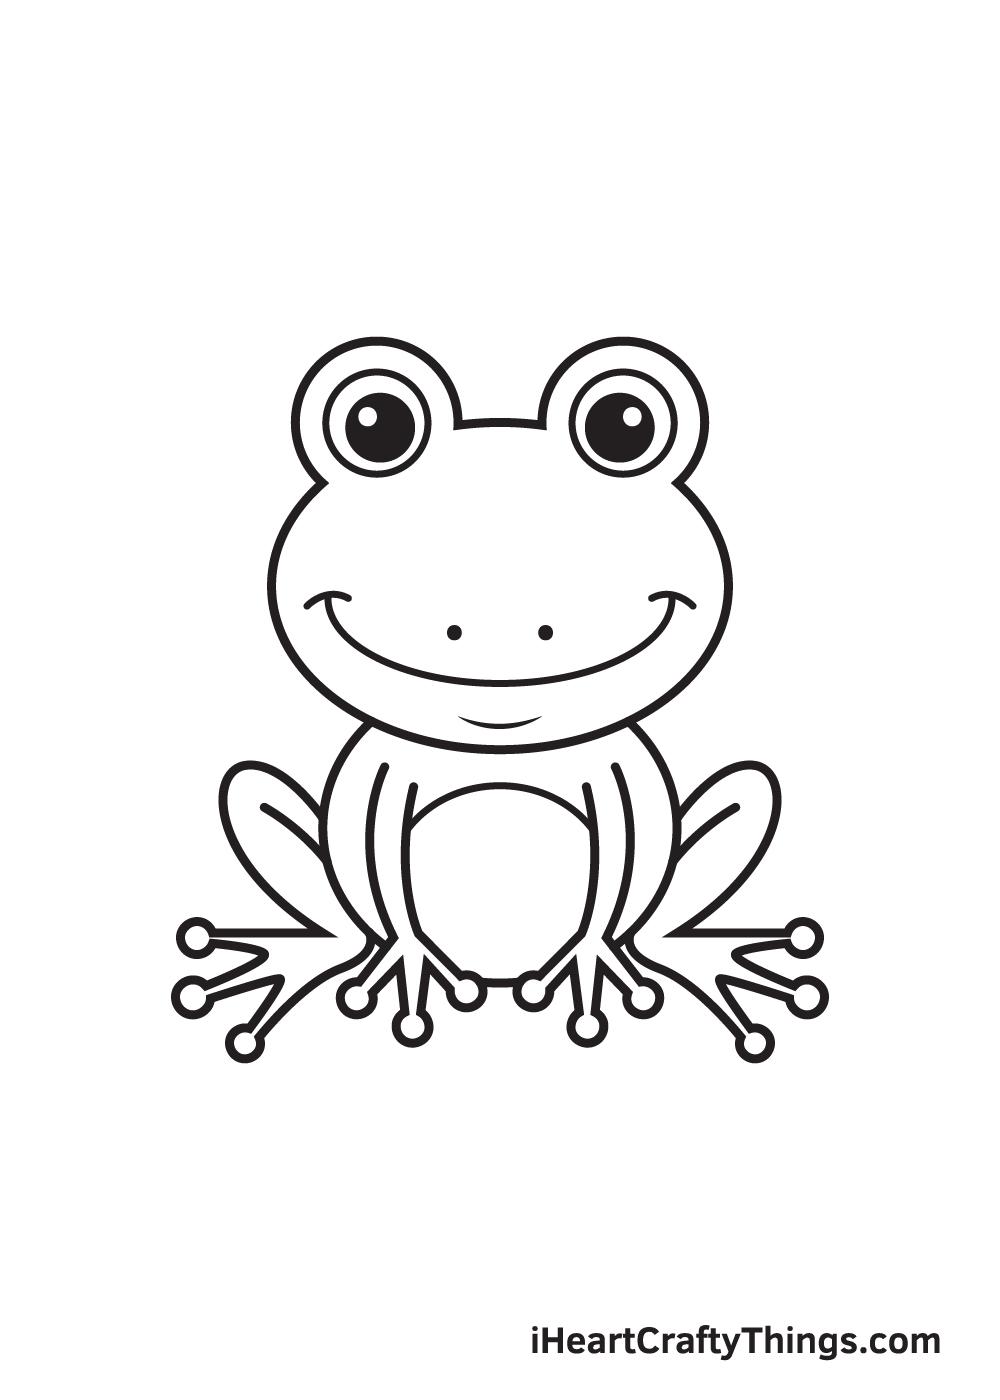 Vẽ ếch - Bước 9